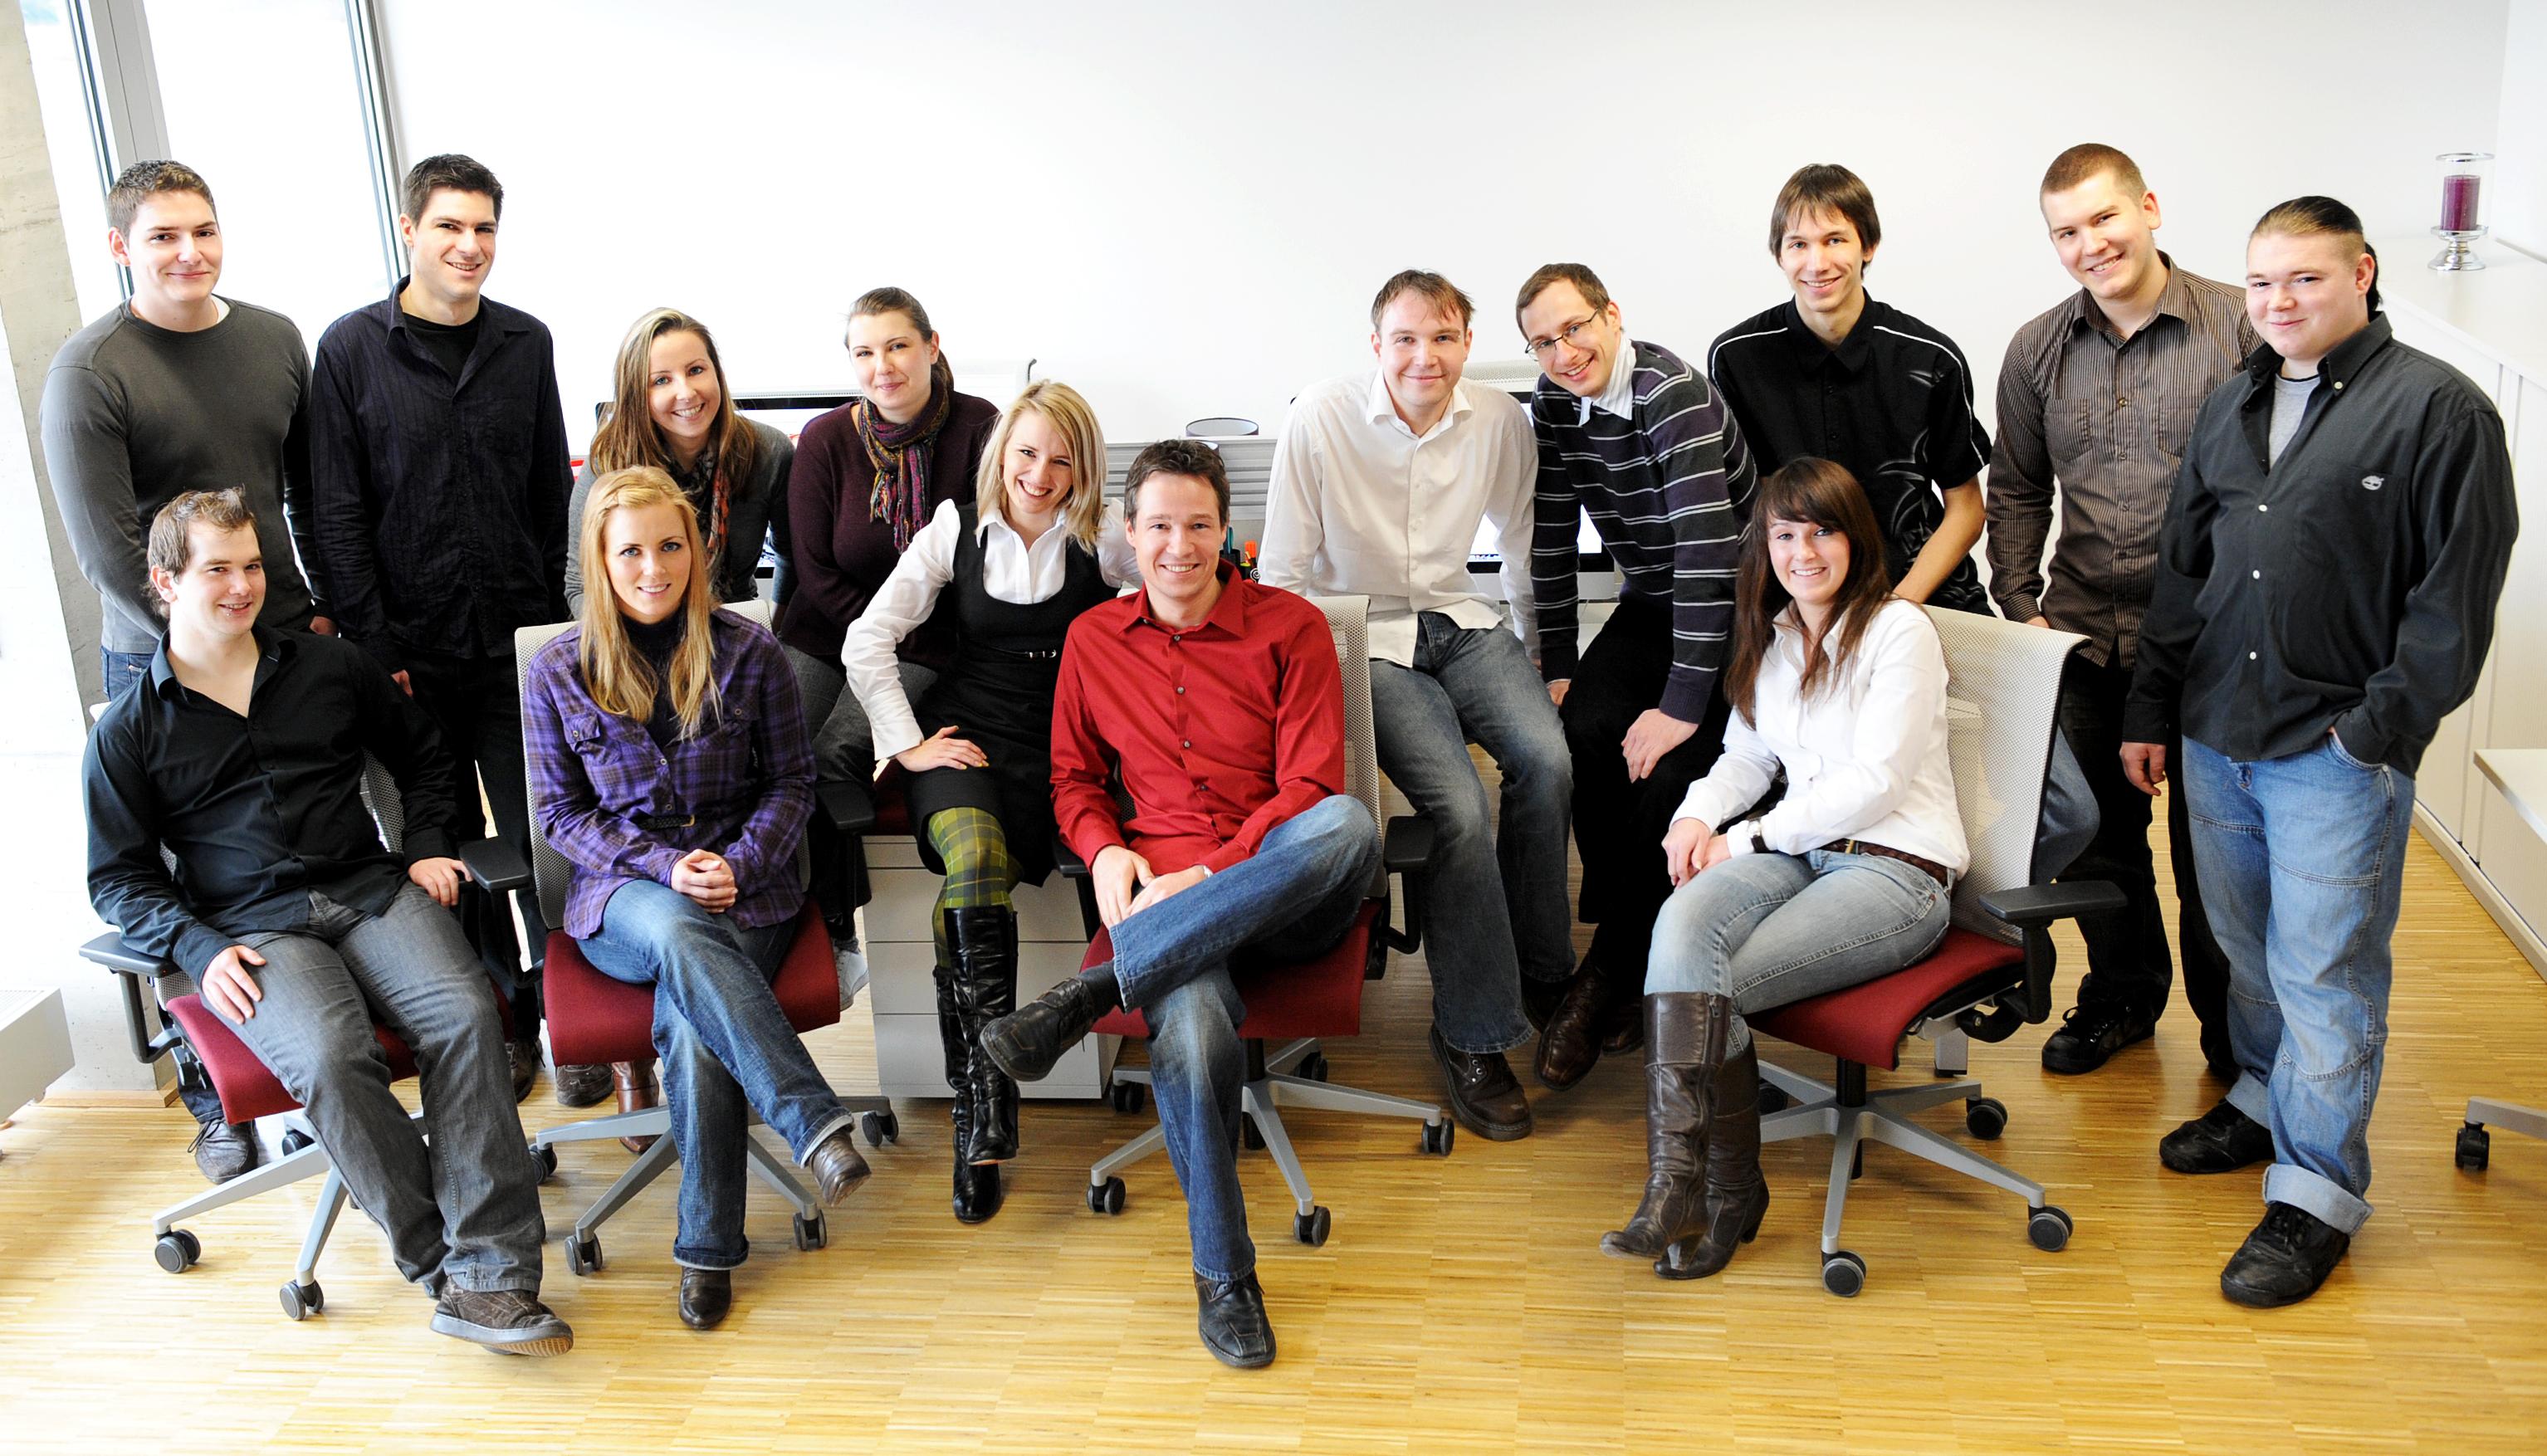 bildkontakte.de-team Nordhorn